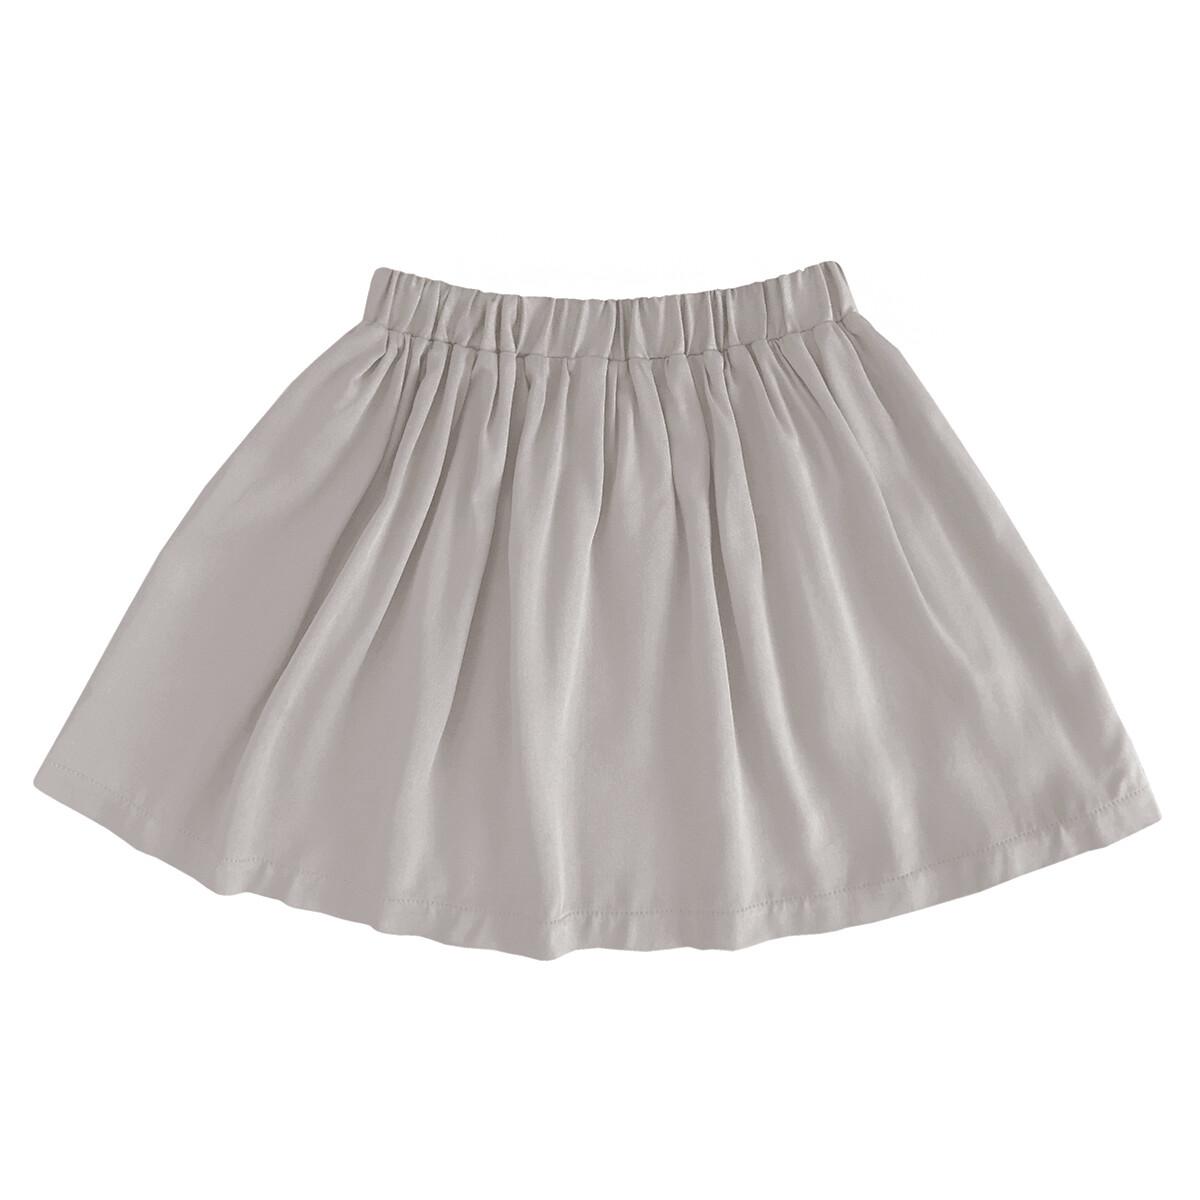 Детская вискозная юбка пюсовая(серо-бежево-розовый цвет)